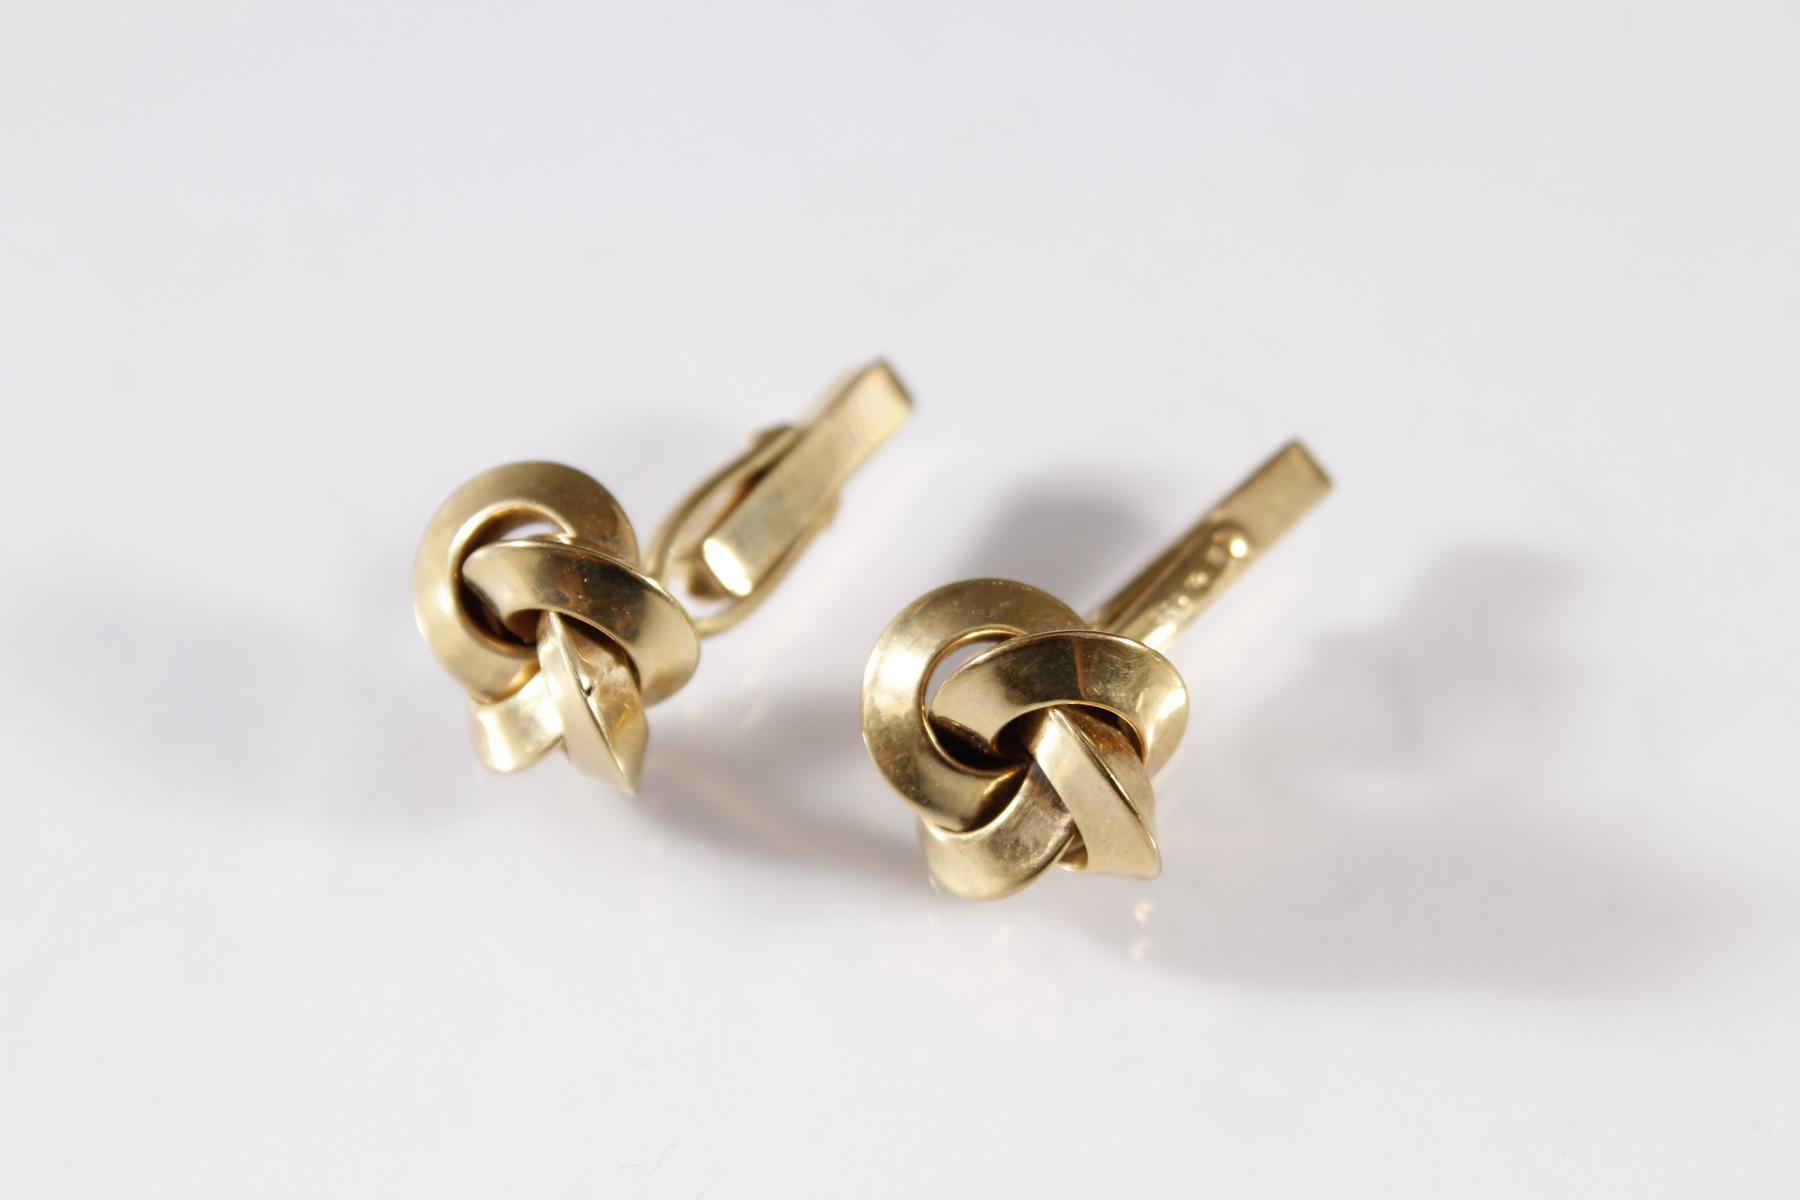 Paar Manschettenknöpfe, 8 Karat Gelbgold-2